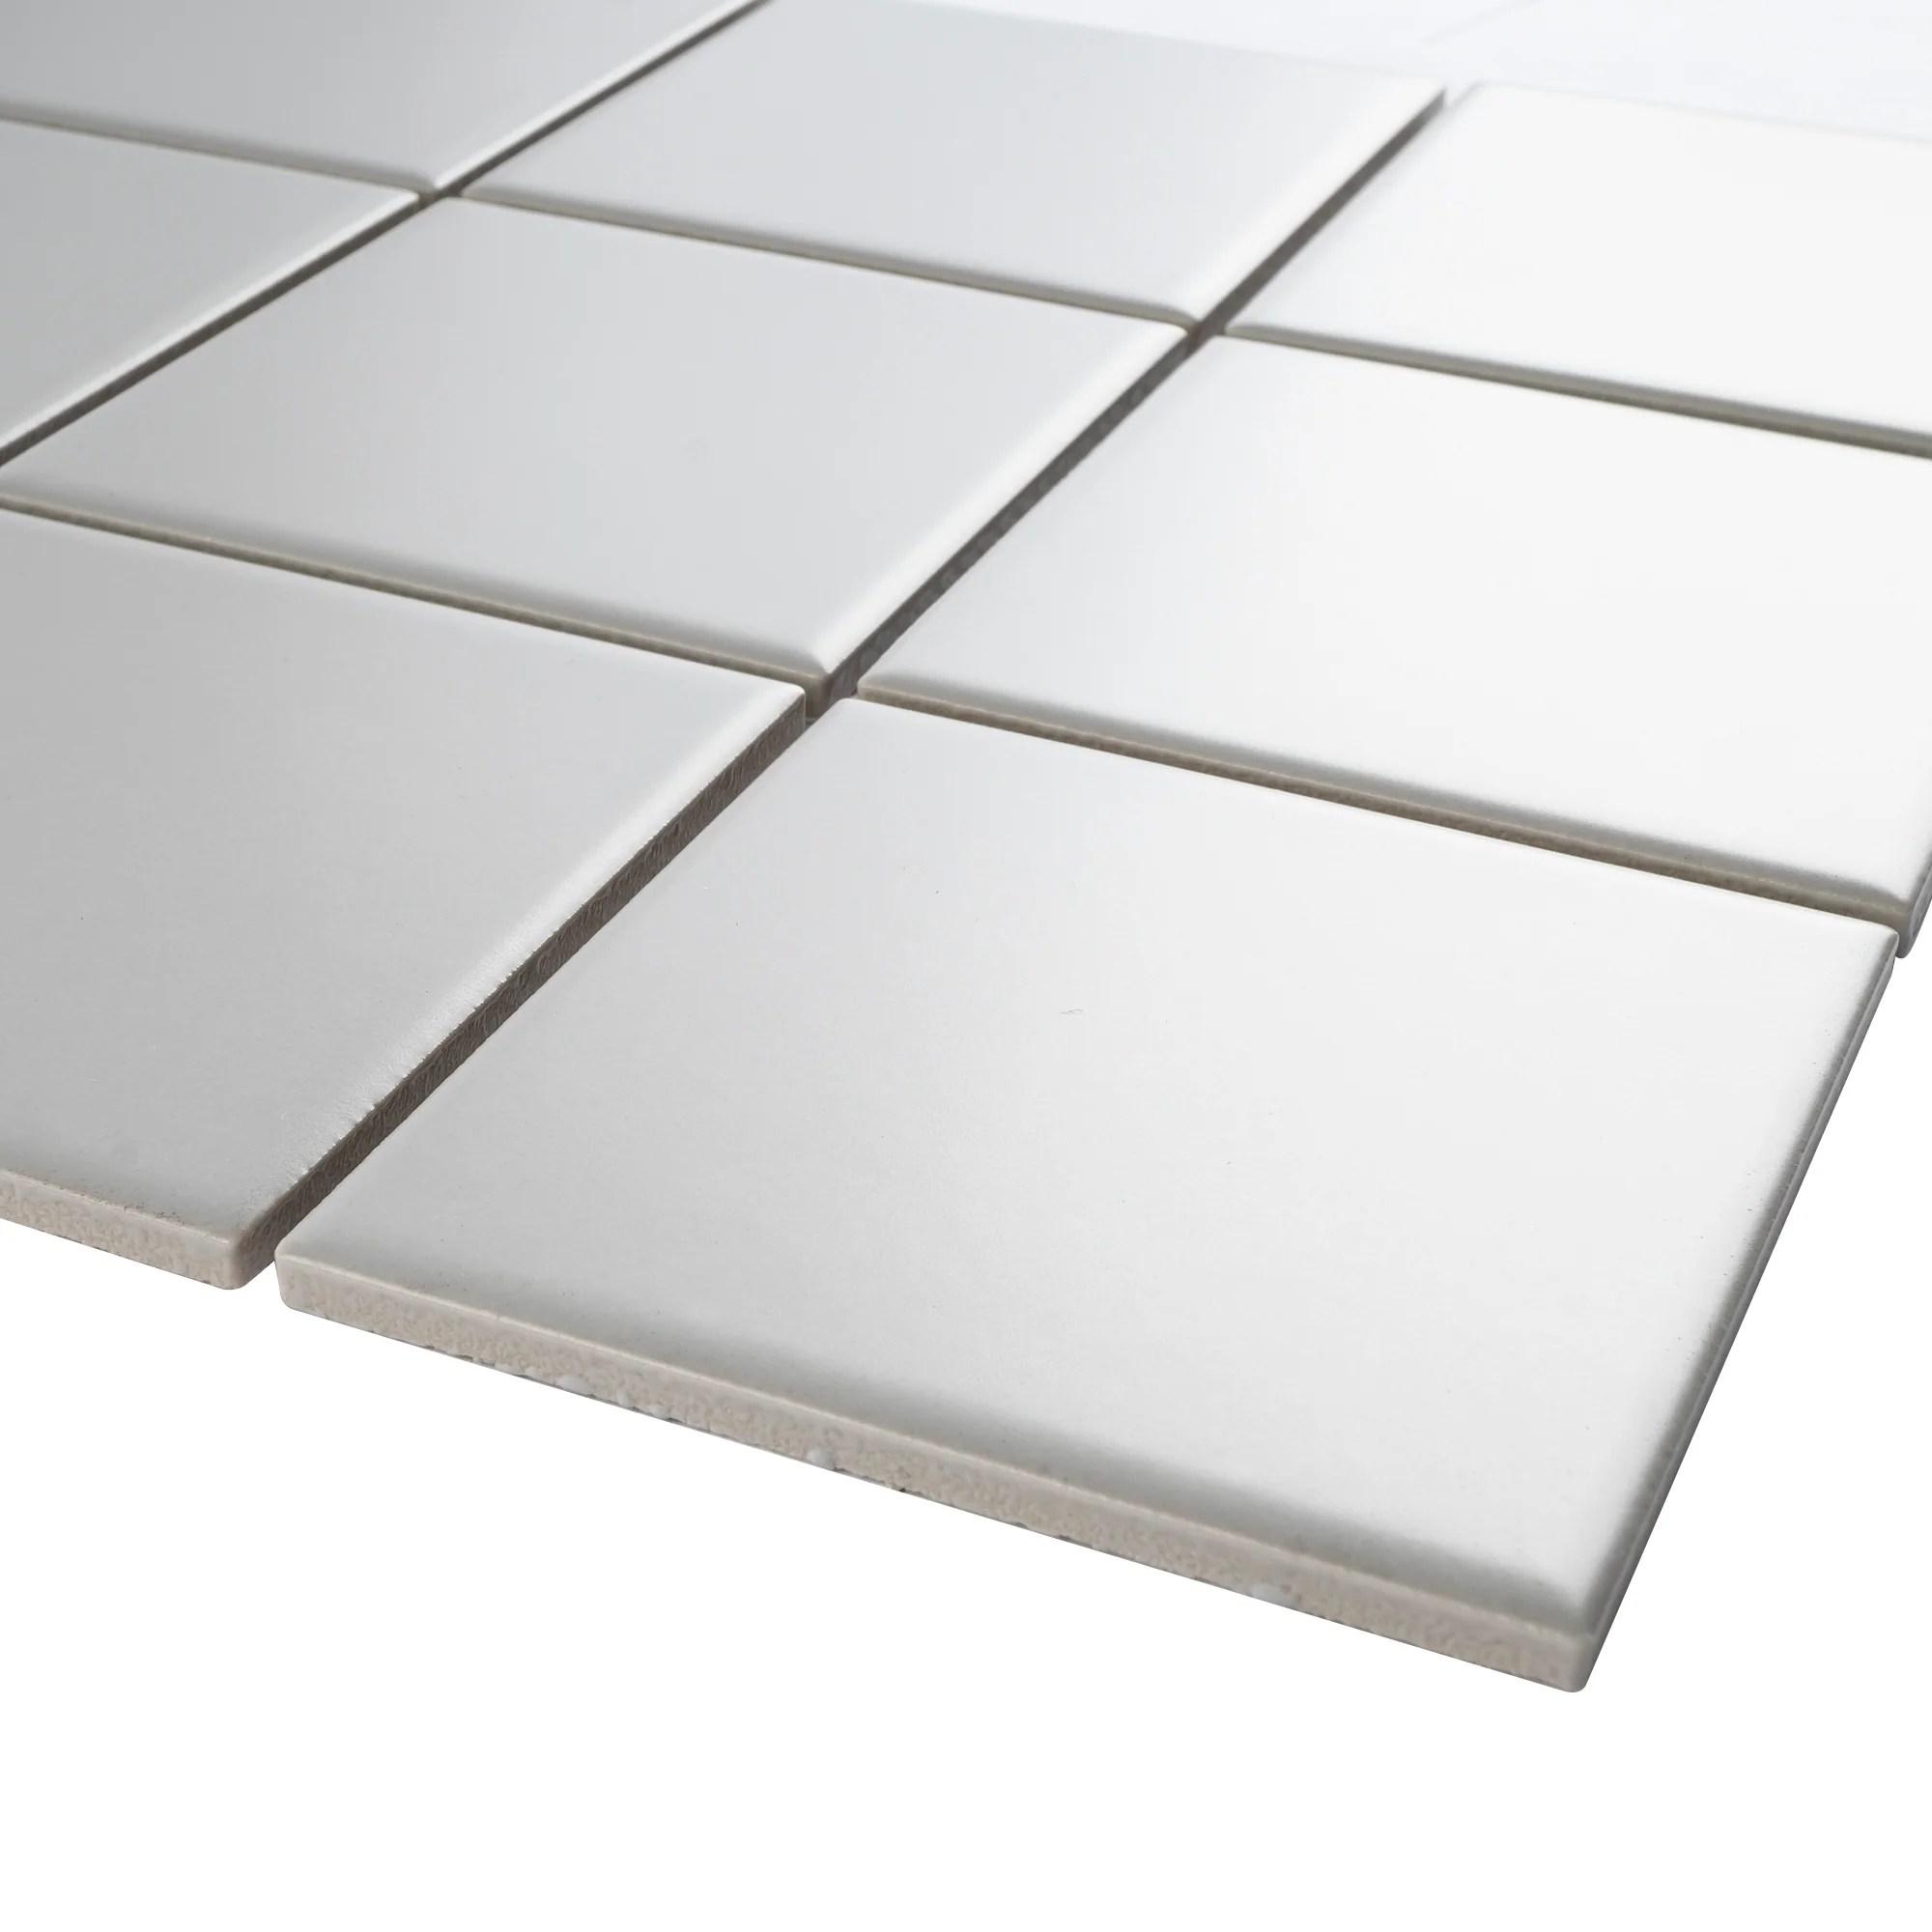 tpmg 12 4x4 grey porcelain tile